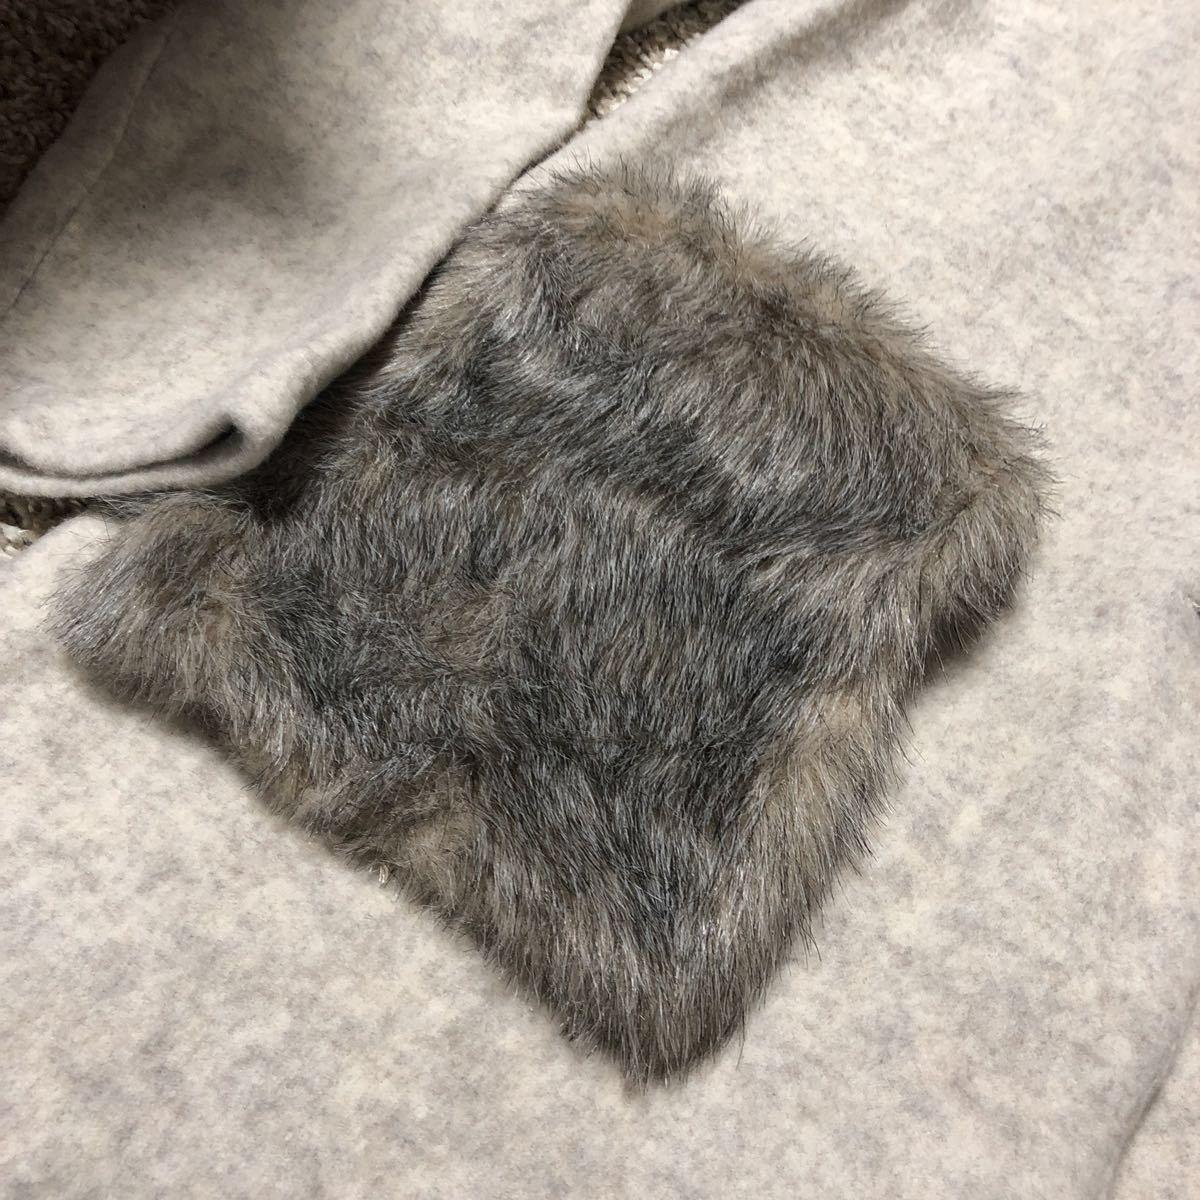 商店渠道風格Ravie風格·Ravi(米色)保暖夾克外套開衫與口袋毛皮(毛皮可拆卸) 編號:v587505716